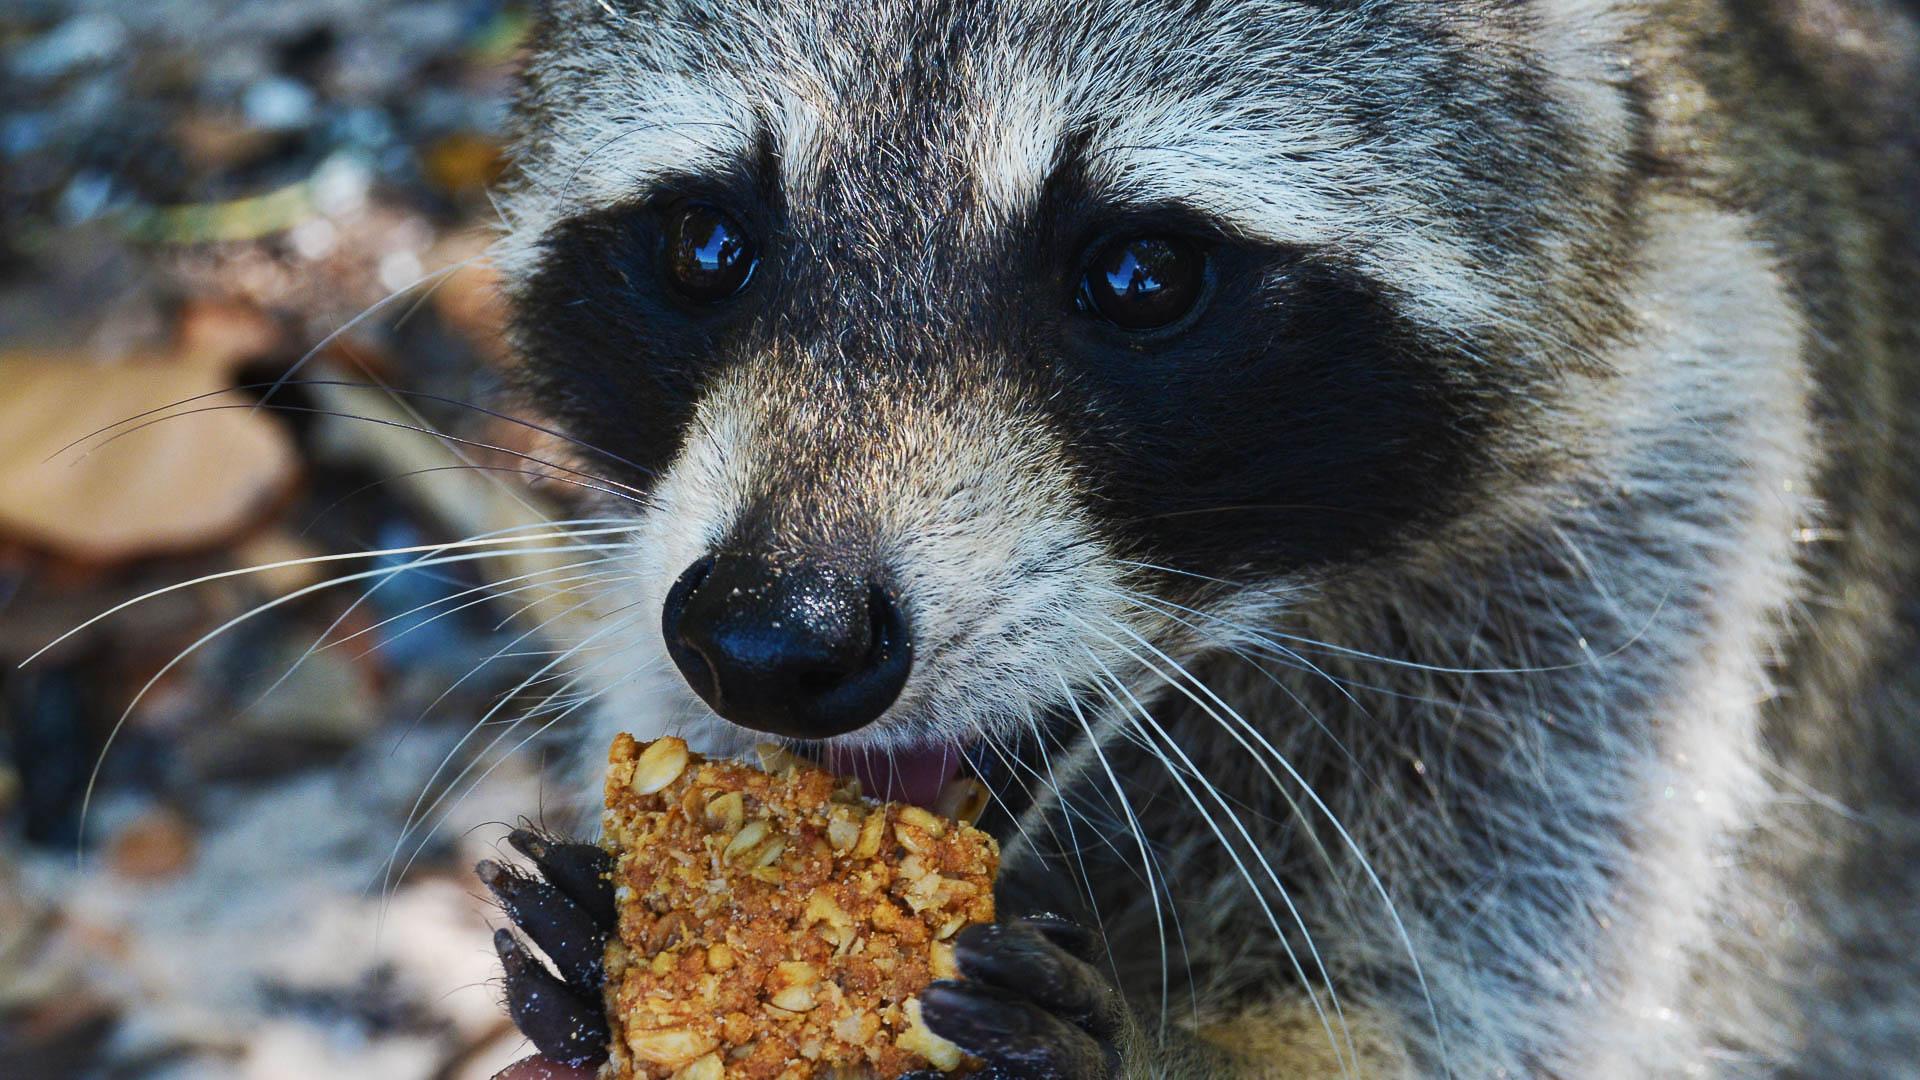 Контактные зоопарки могут создавать условия для передающихся посетителям бактерий с лекарственной устойчивостью